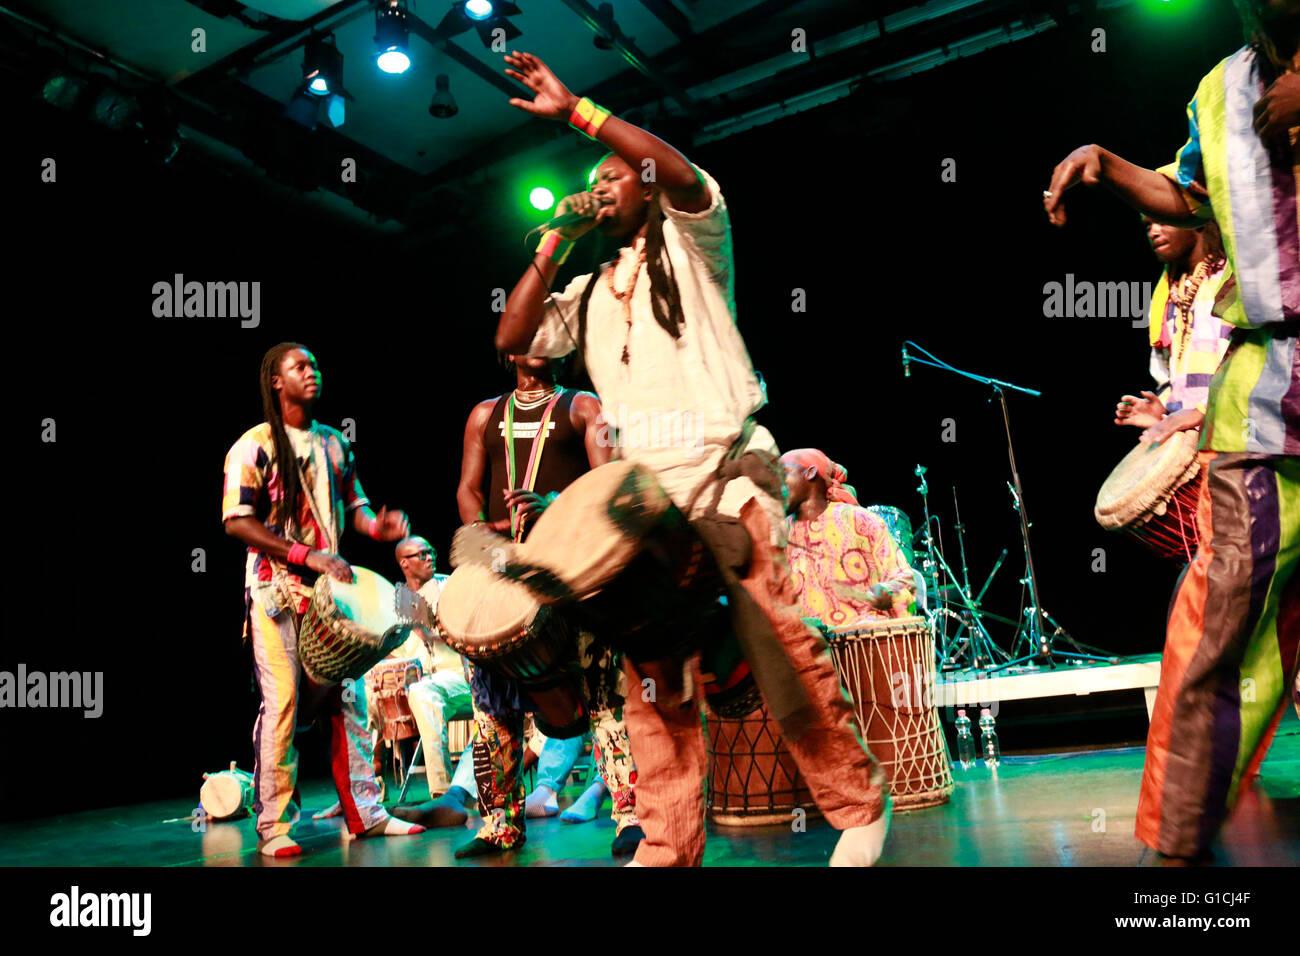 Nago Koite und SAF SAP (Sénégal) - Global Drums Festival, Werkstatt der Kulturen, 17. 08 janvier 2015, Photo Stock